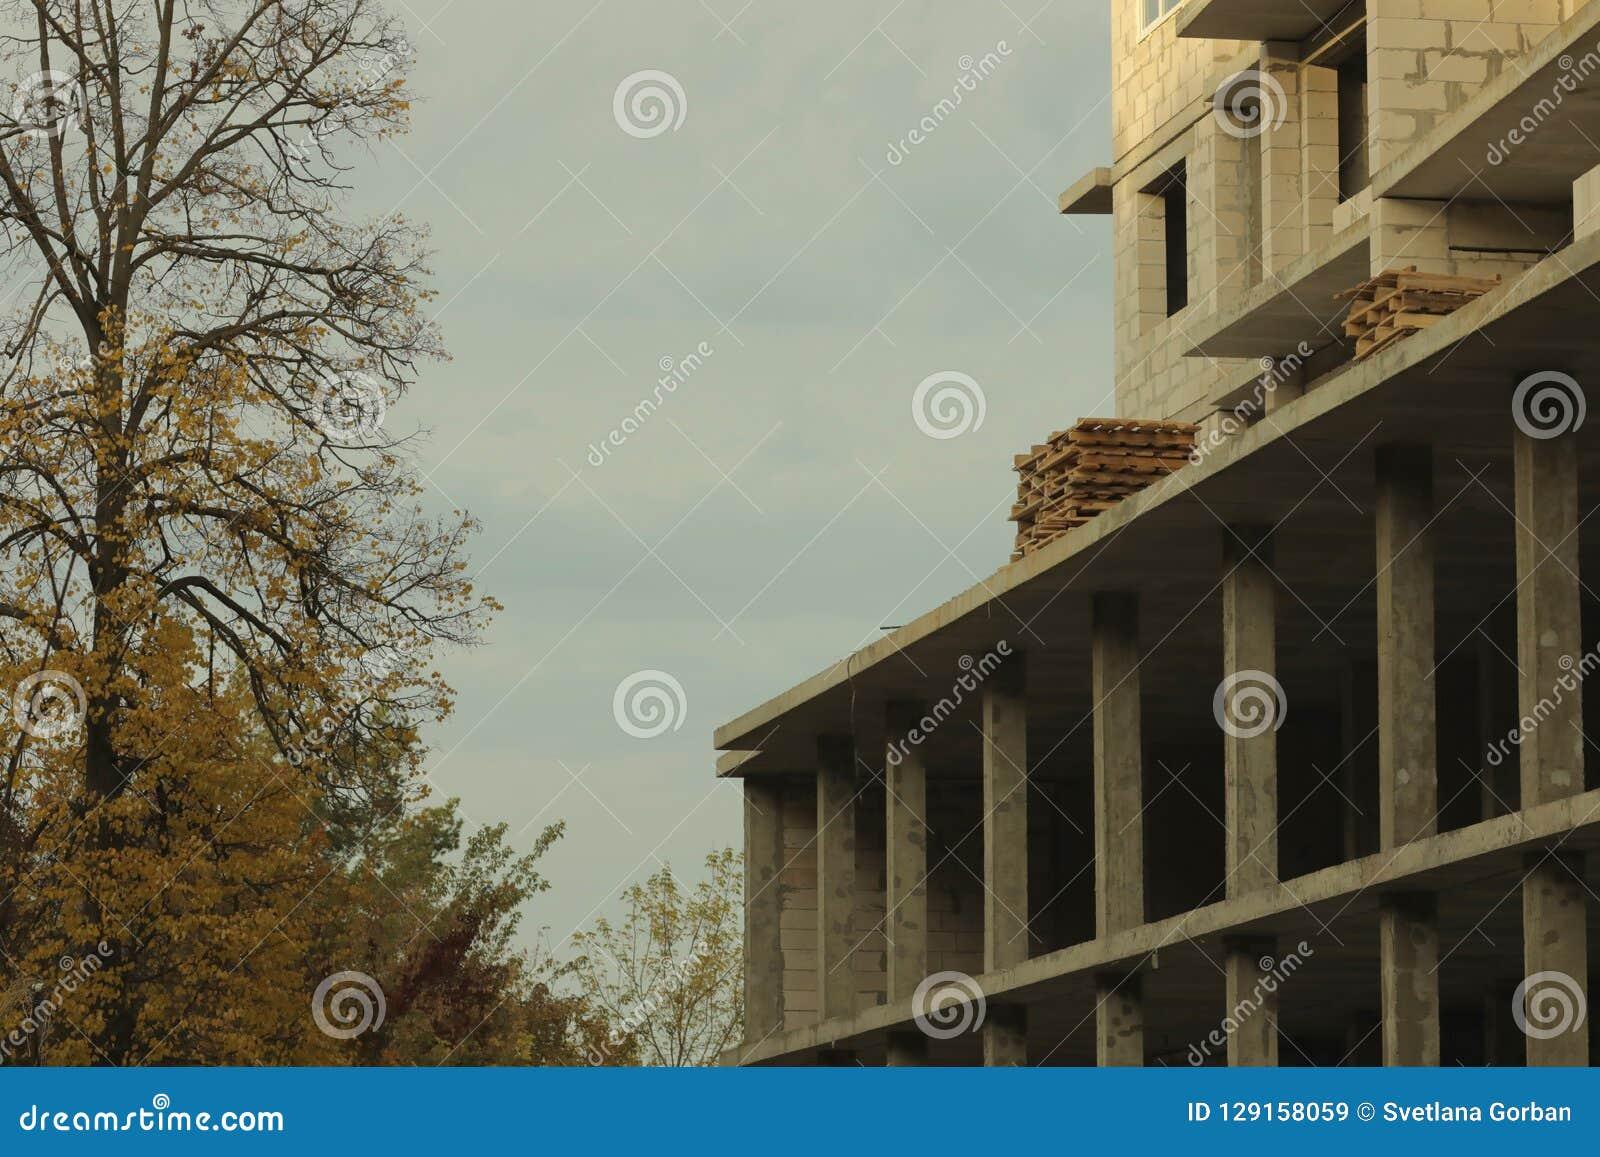 Edificio alto inacabado, grúa, arquitectura